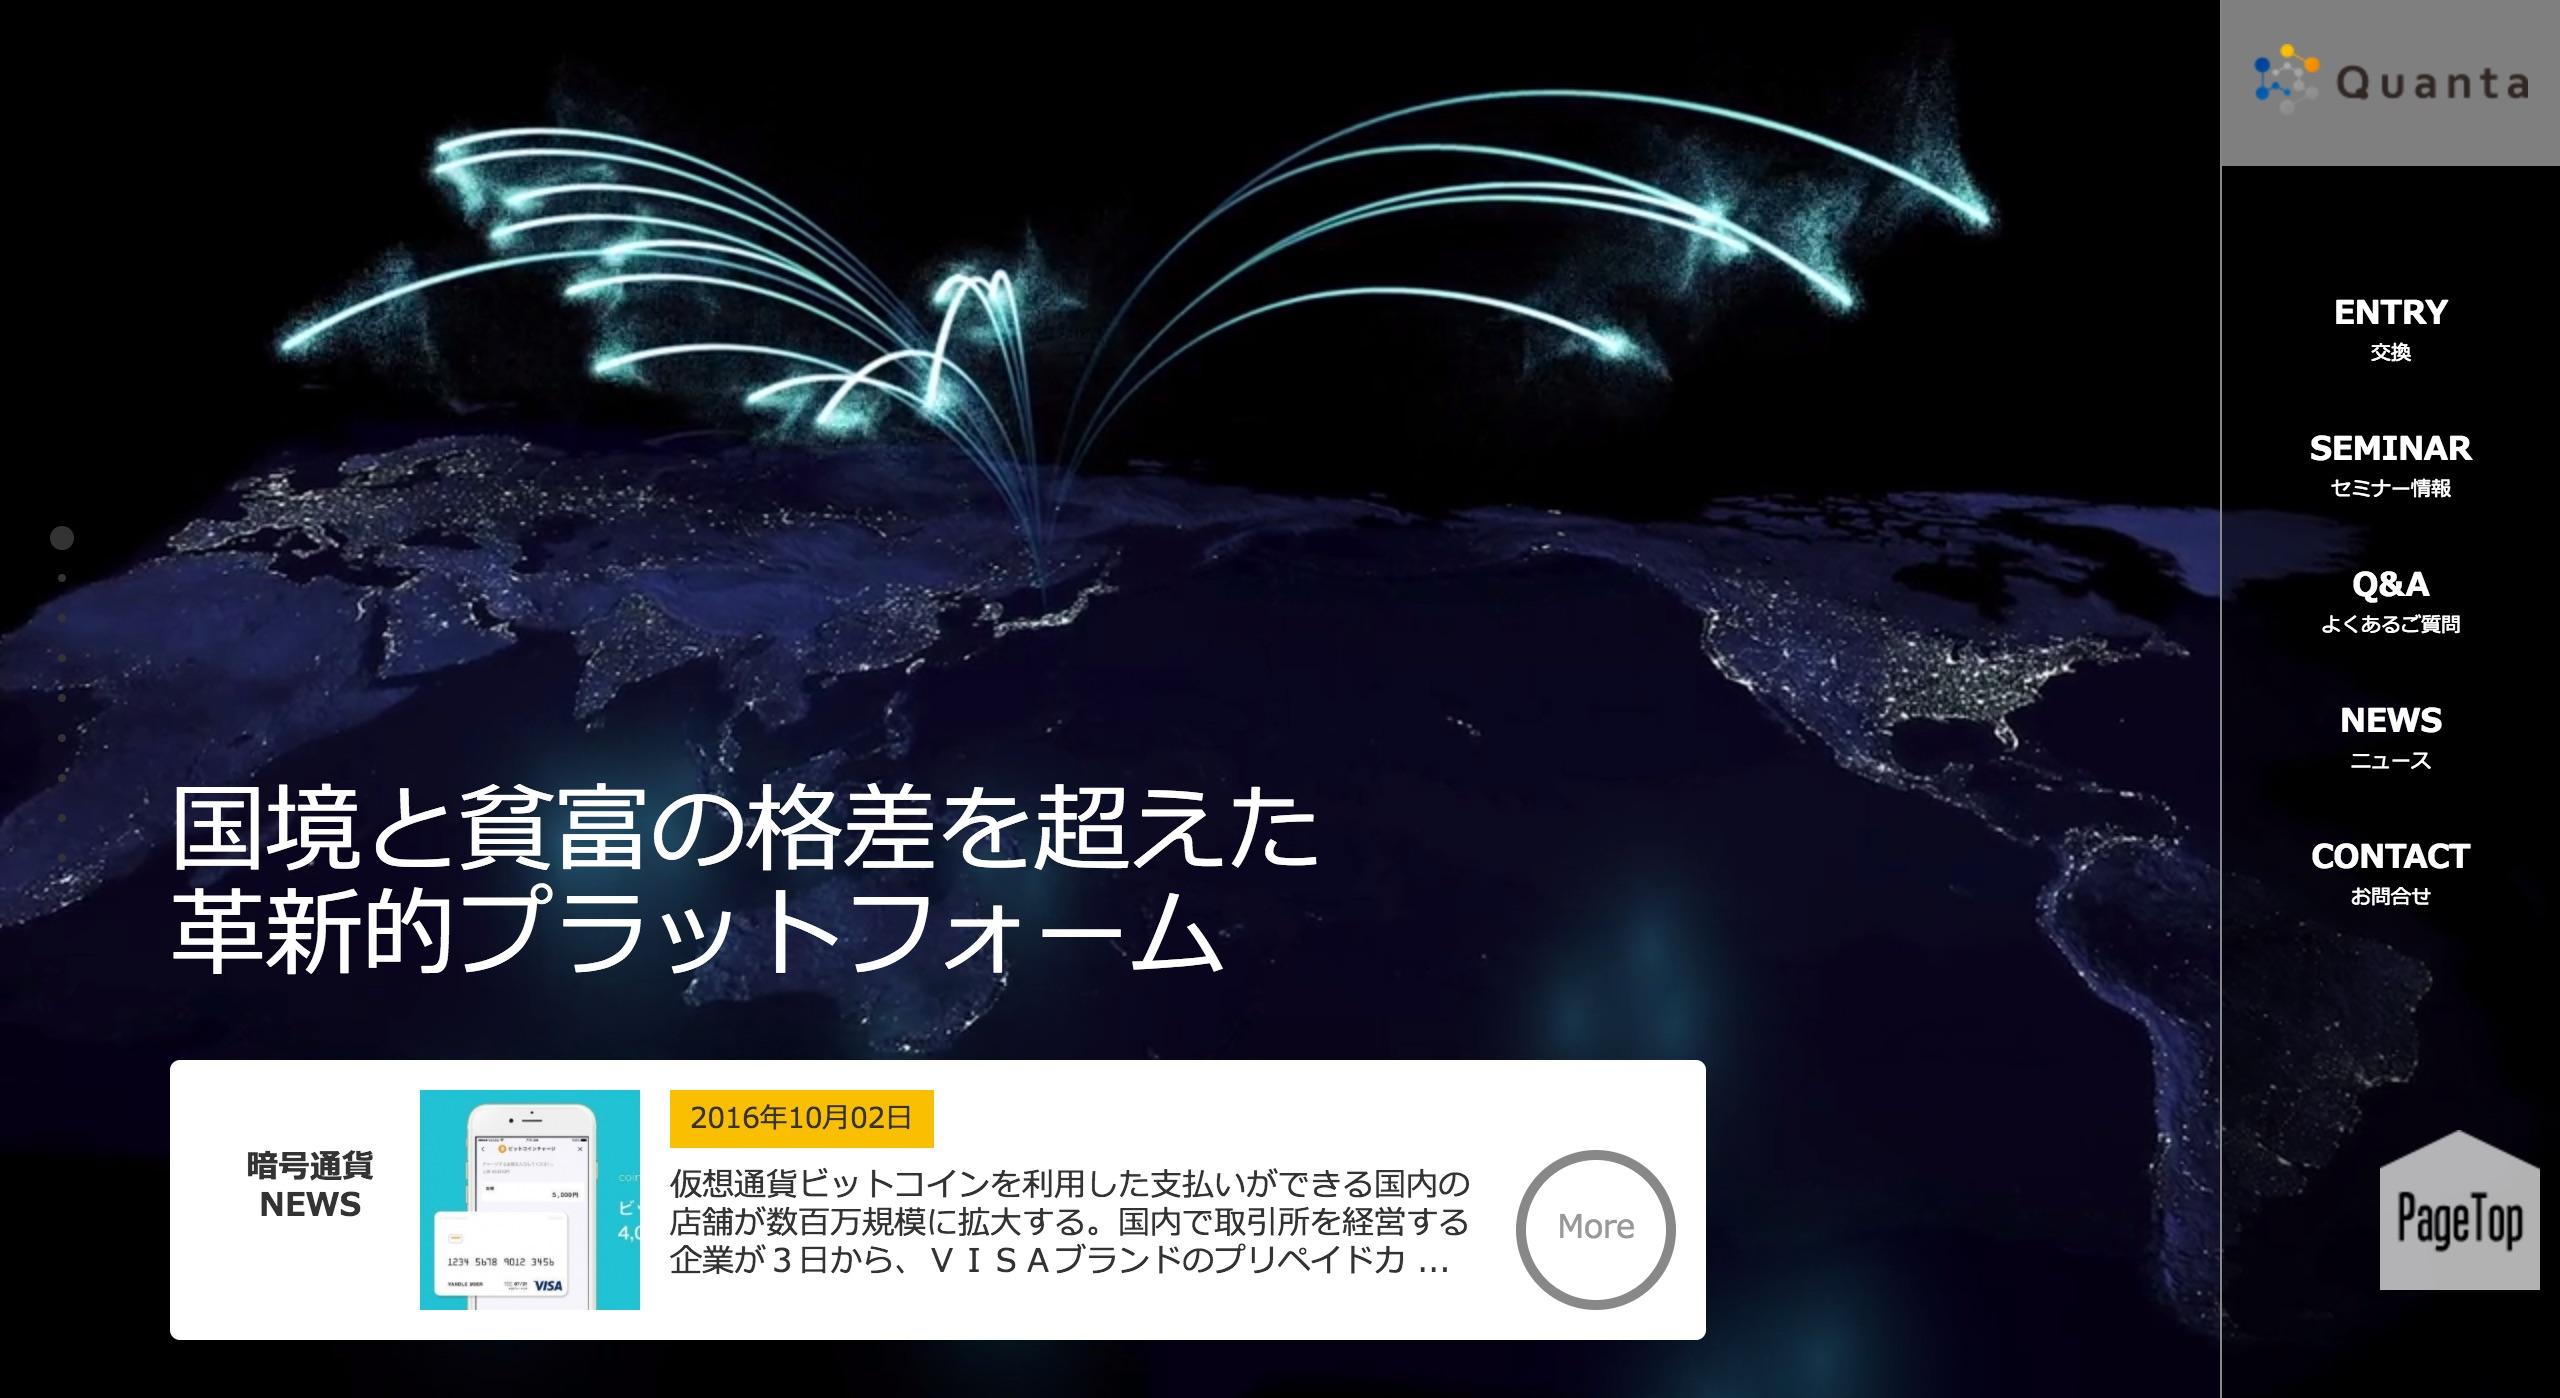 仮想通貨QNT交換サイト